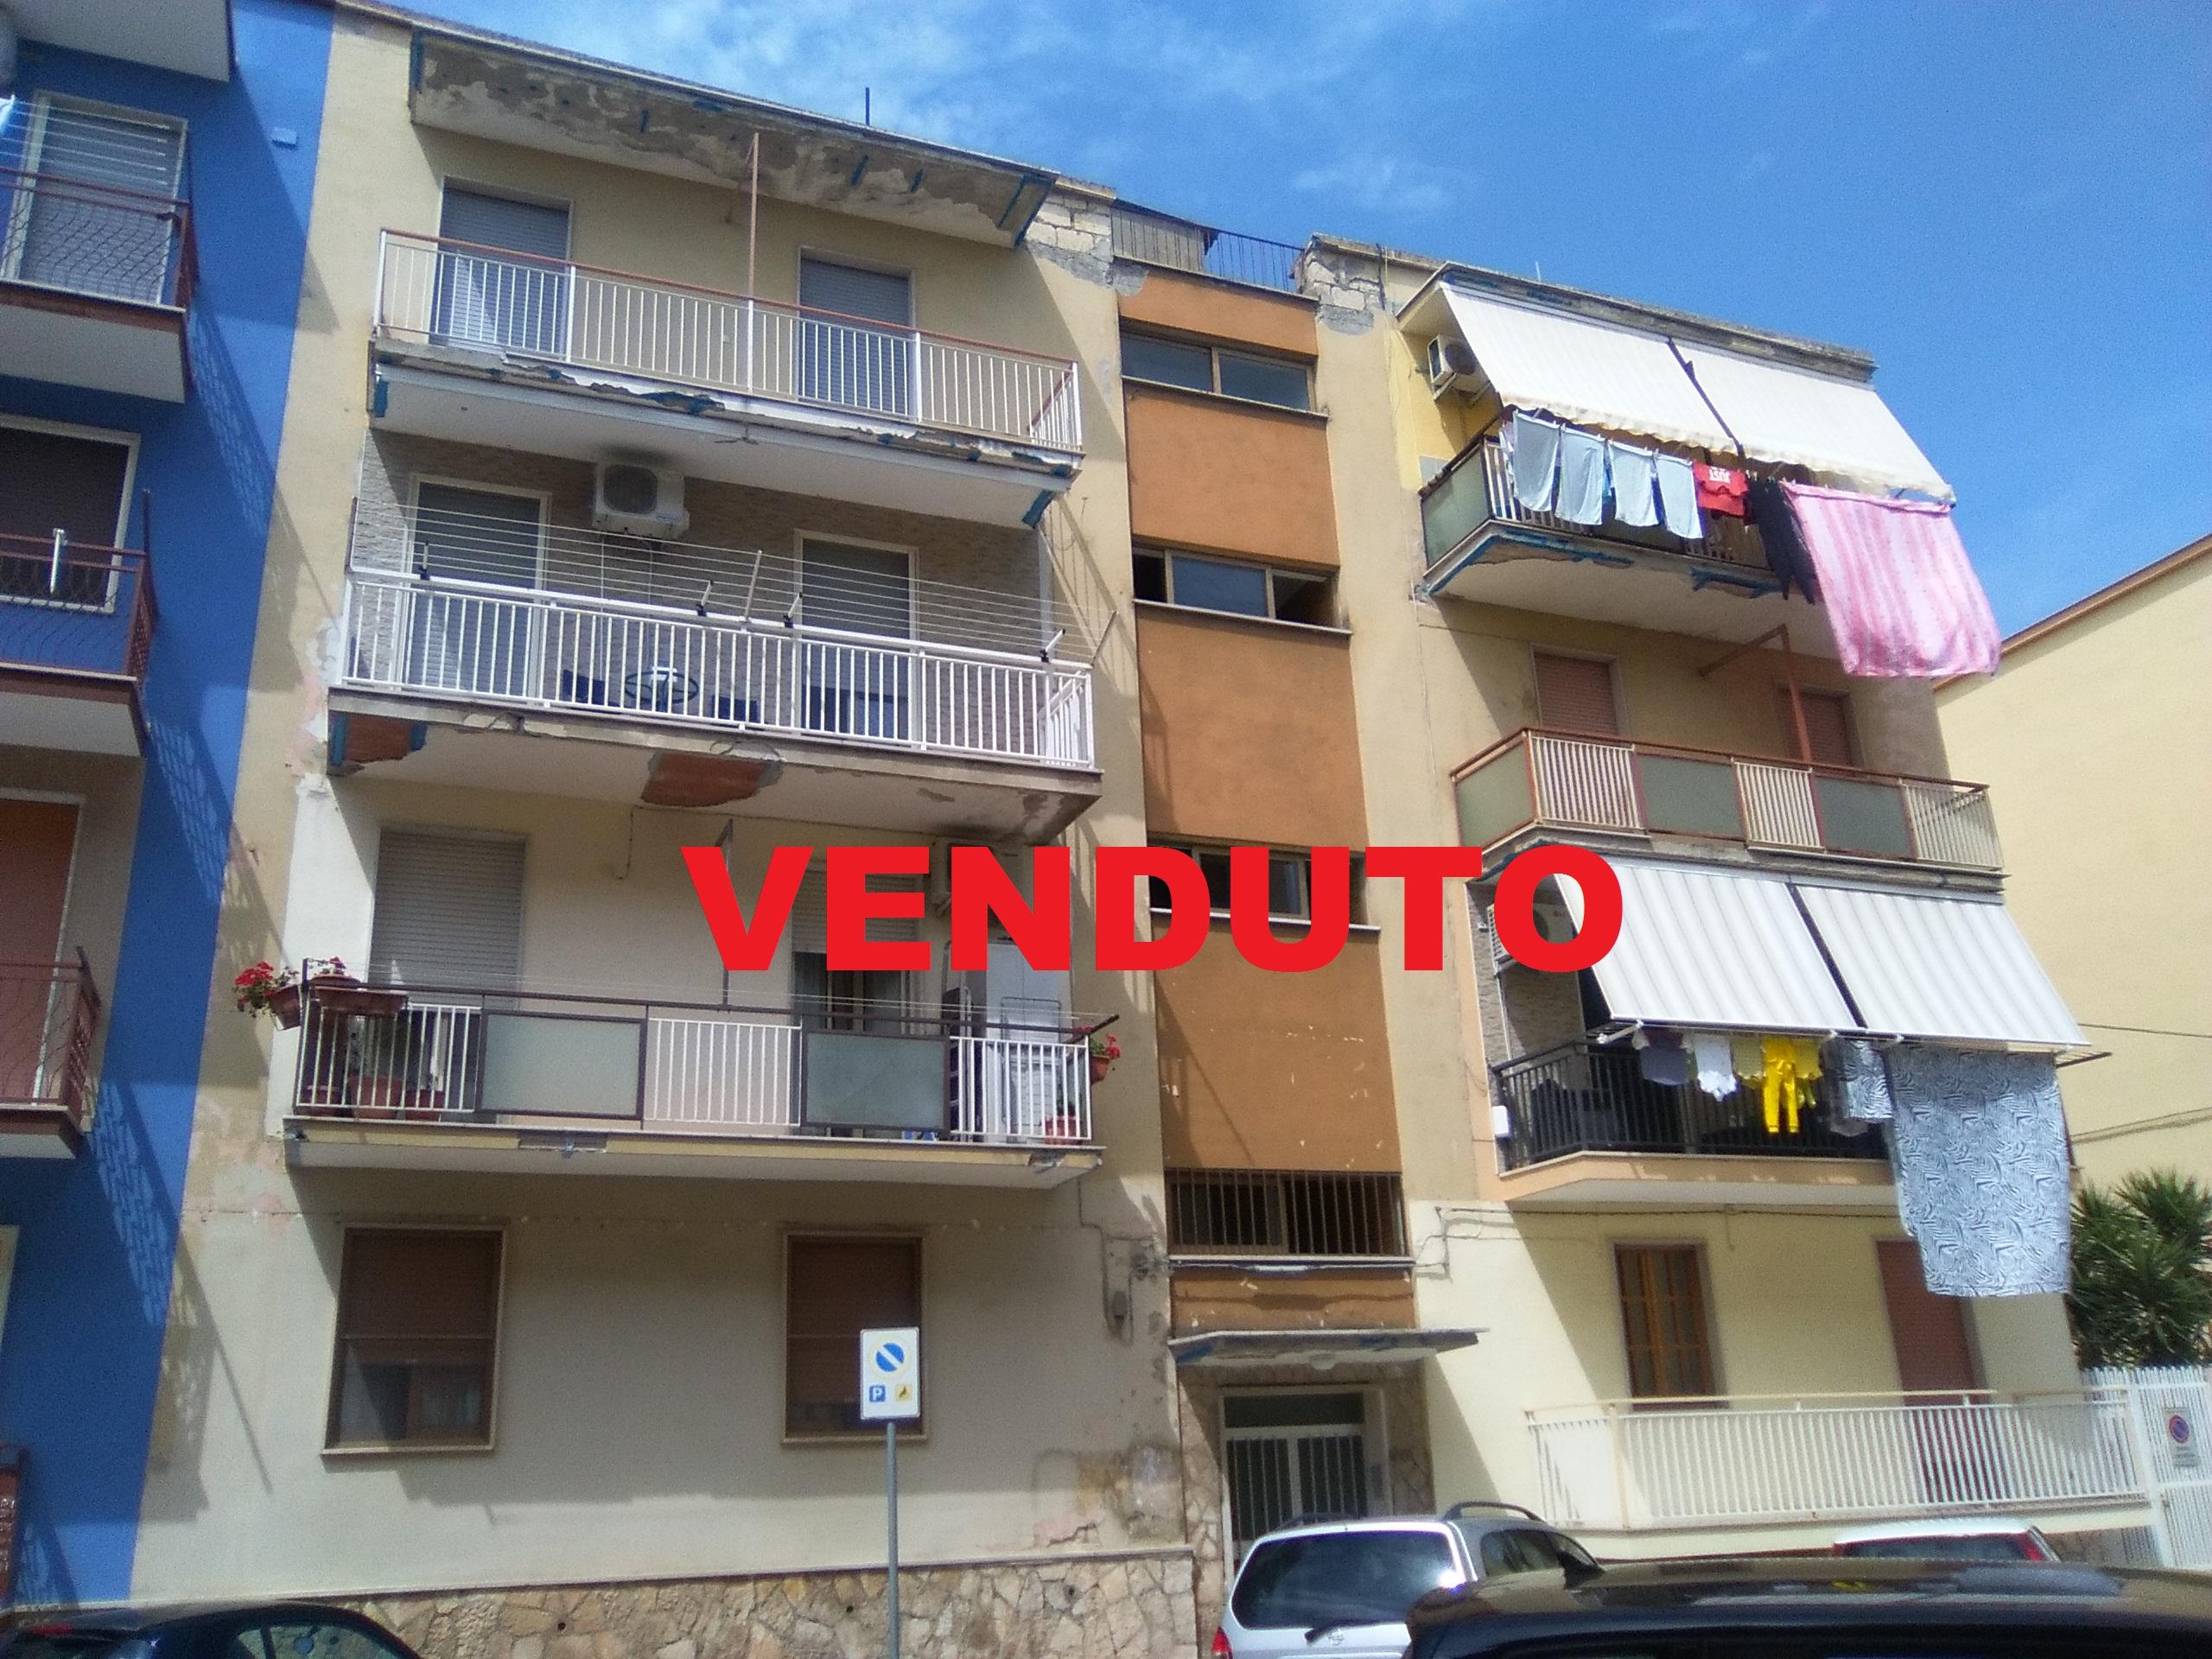 Appartamenti in vendita a Foggia- Via G. F. Valerio (Zona Candelaro) 3 vani accessori